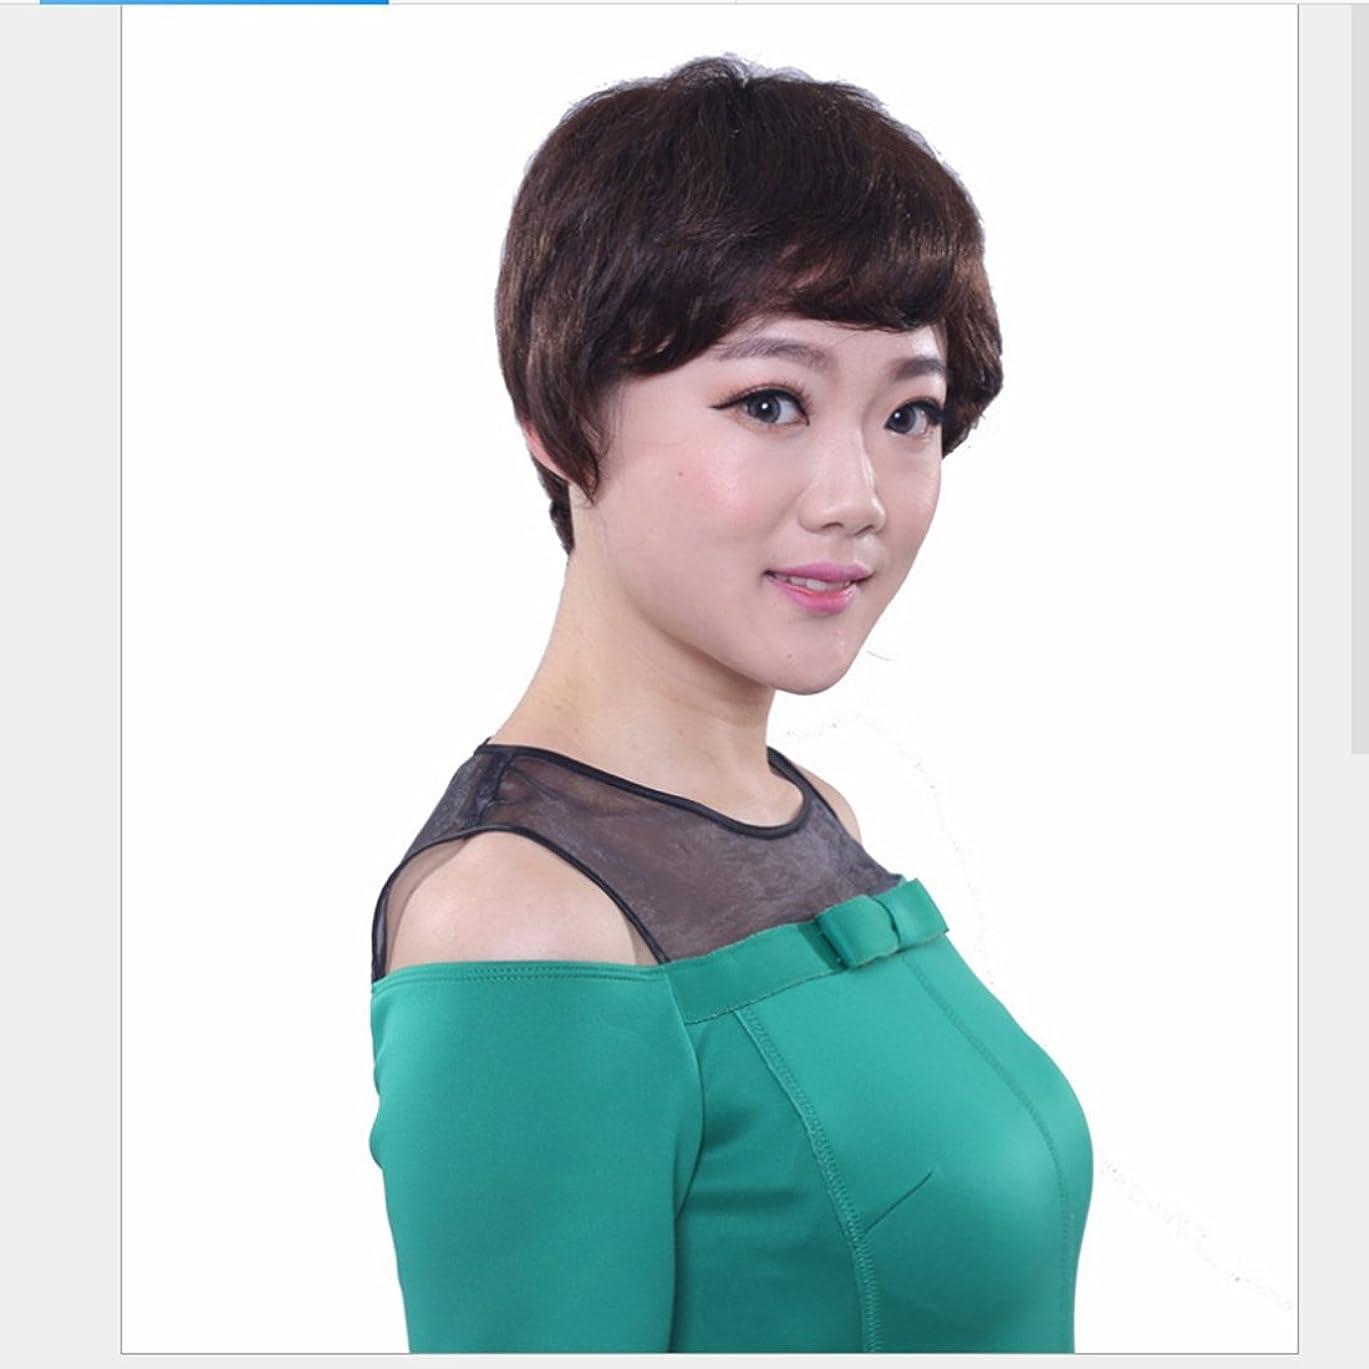 行進明らかのぞき見Koloeplf (ダークブラウン)26cmリアルディープブラウンウィッグ女性のための短いカールヘアリアルなナチュラルカールのウィッグ斜めのバンズとふわふわの毛小壊れた髪のかつら (Color : Dark brown)